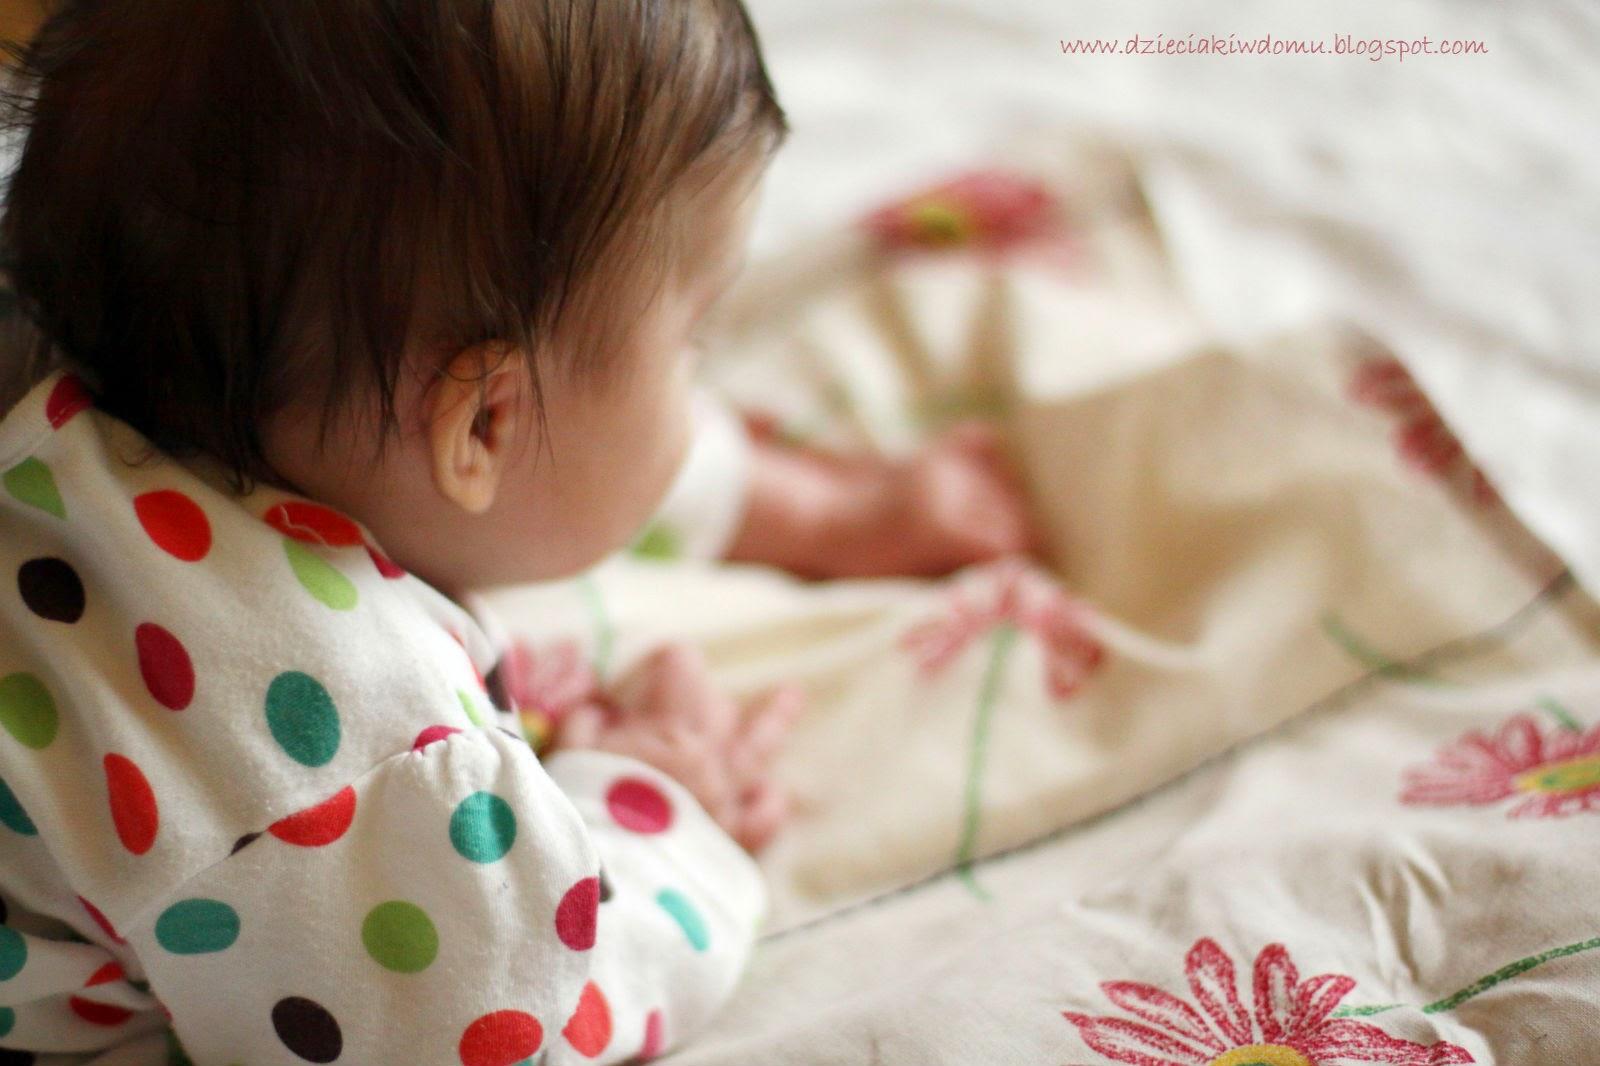 Prosta mata sensoryczna dla niemowlaka